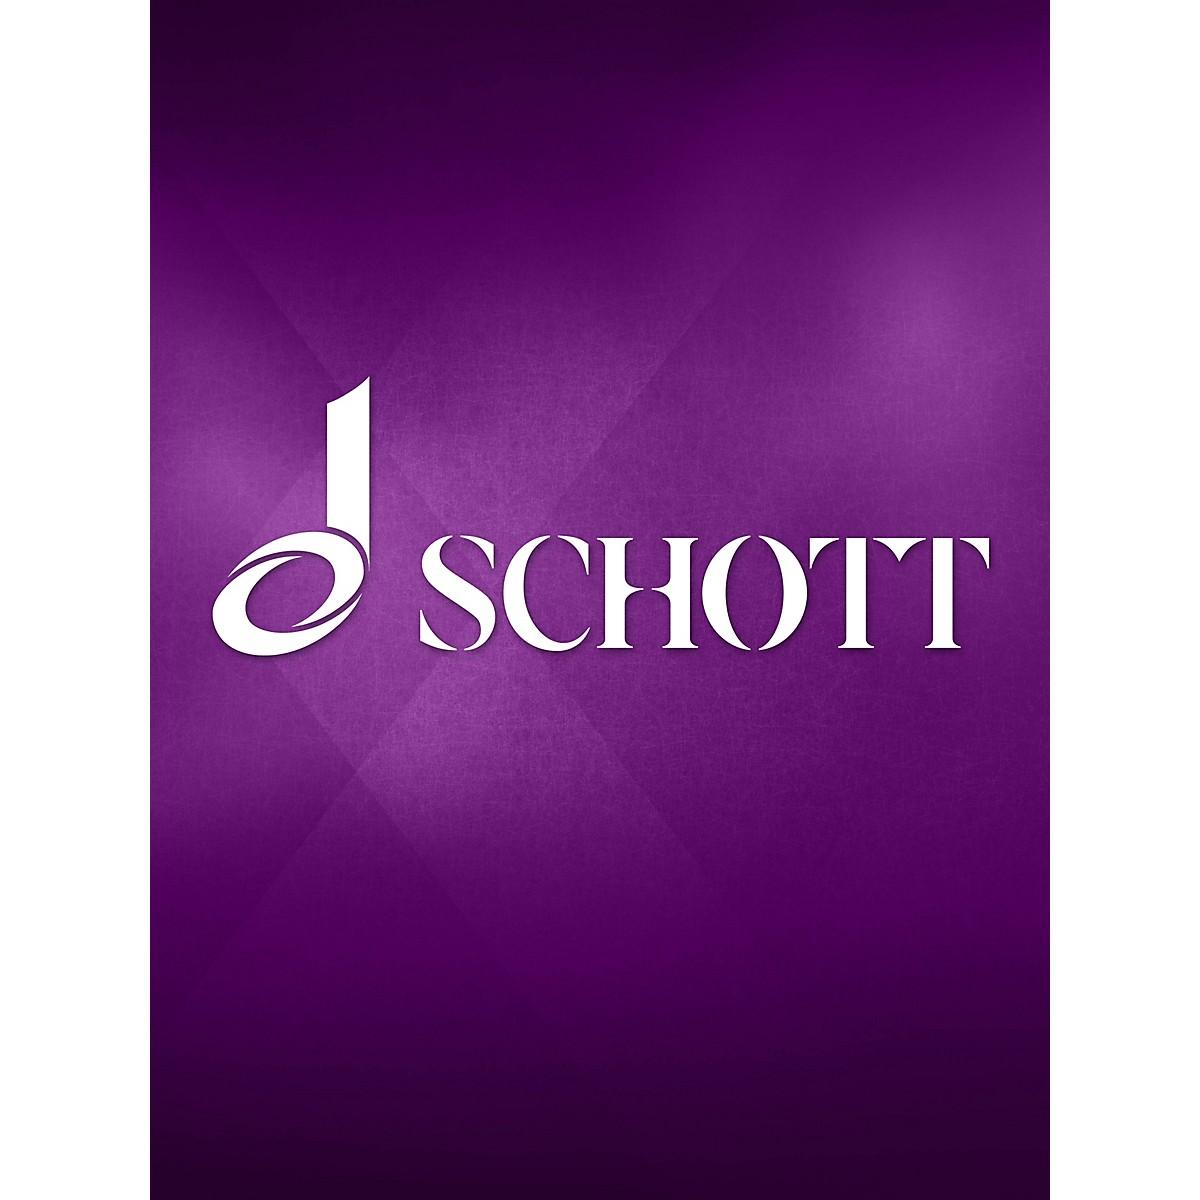 Eulenburg Laudate Dominum (Psalm 117) (Trombone I/II Parts) Schott Series Composed by Claudio Monteverdi